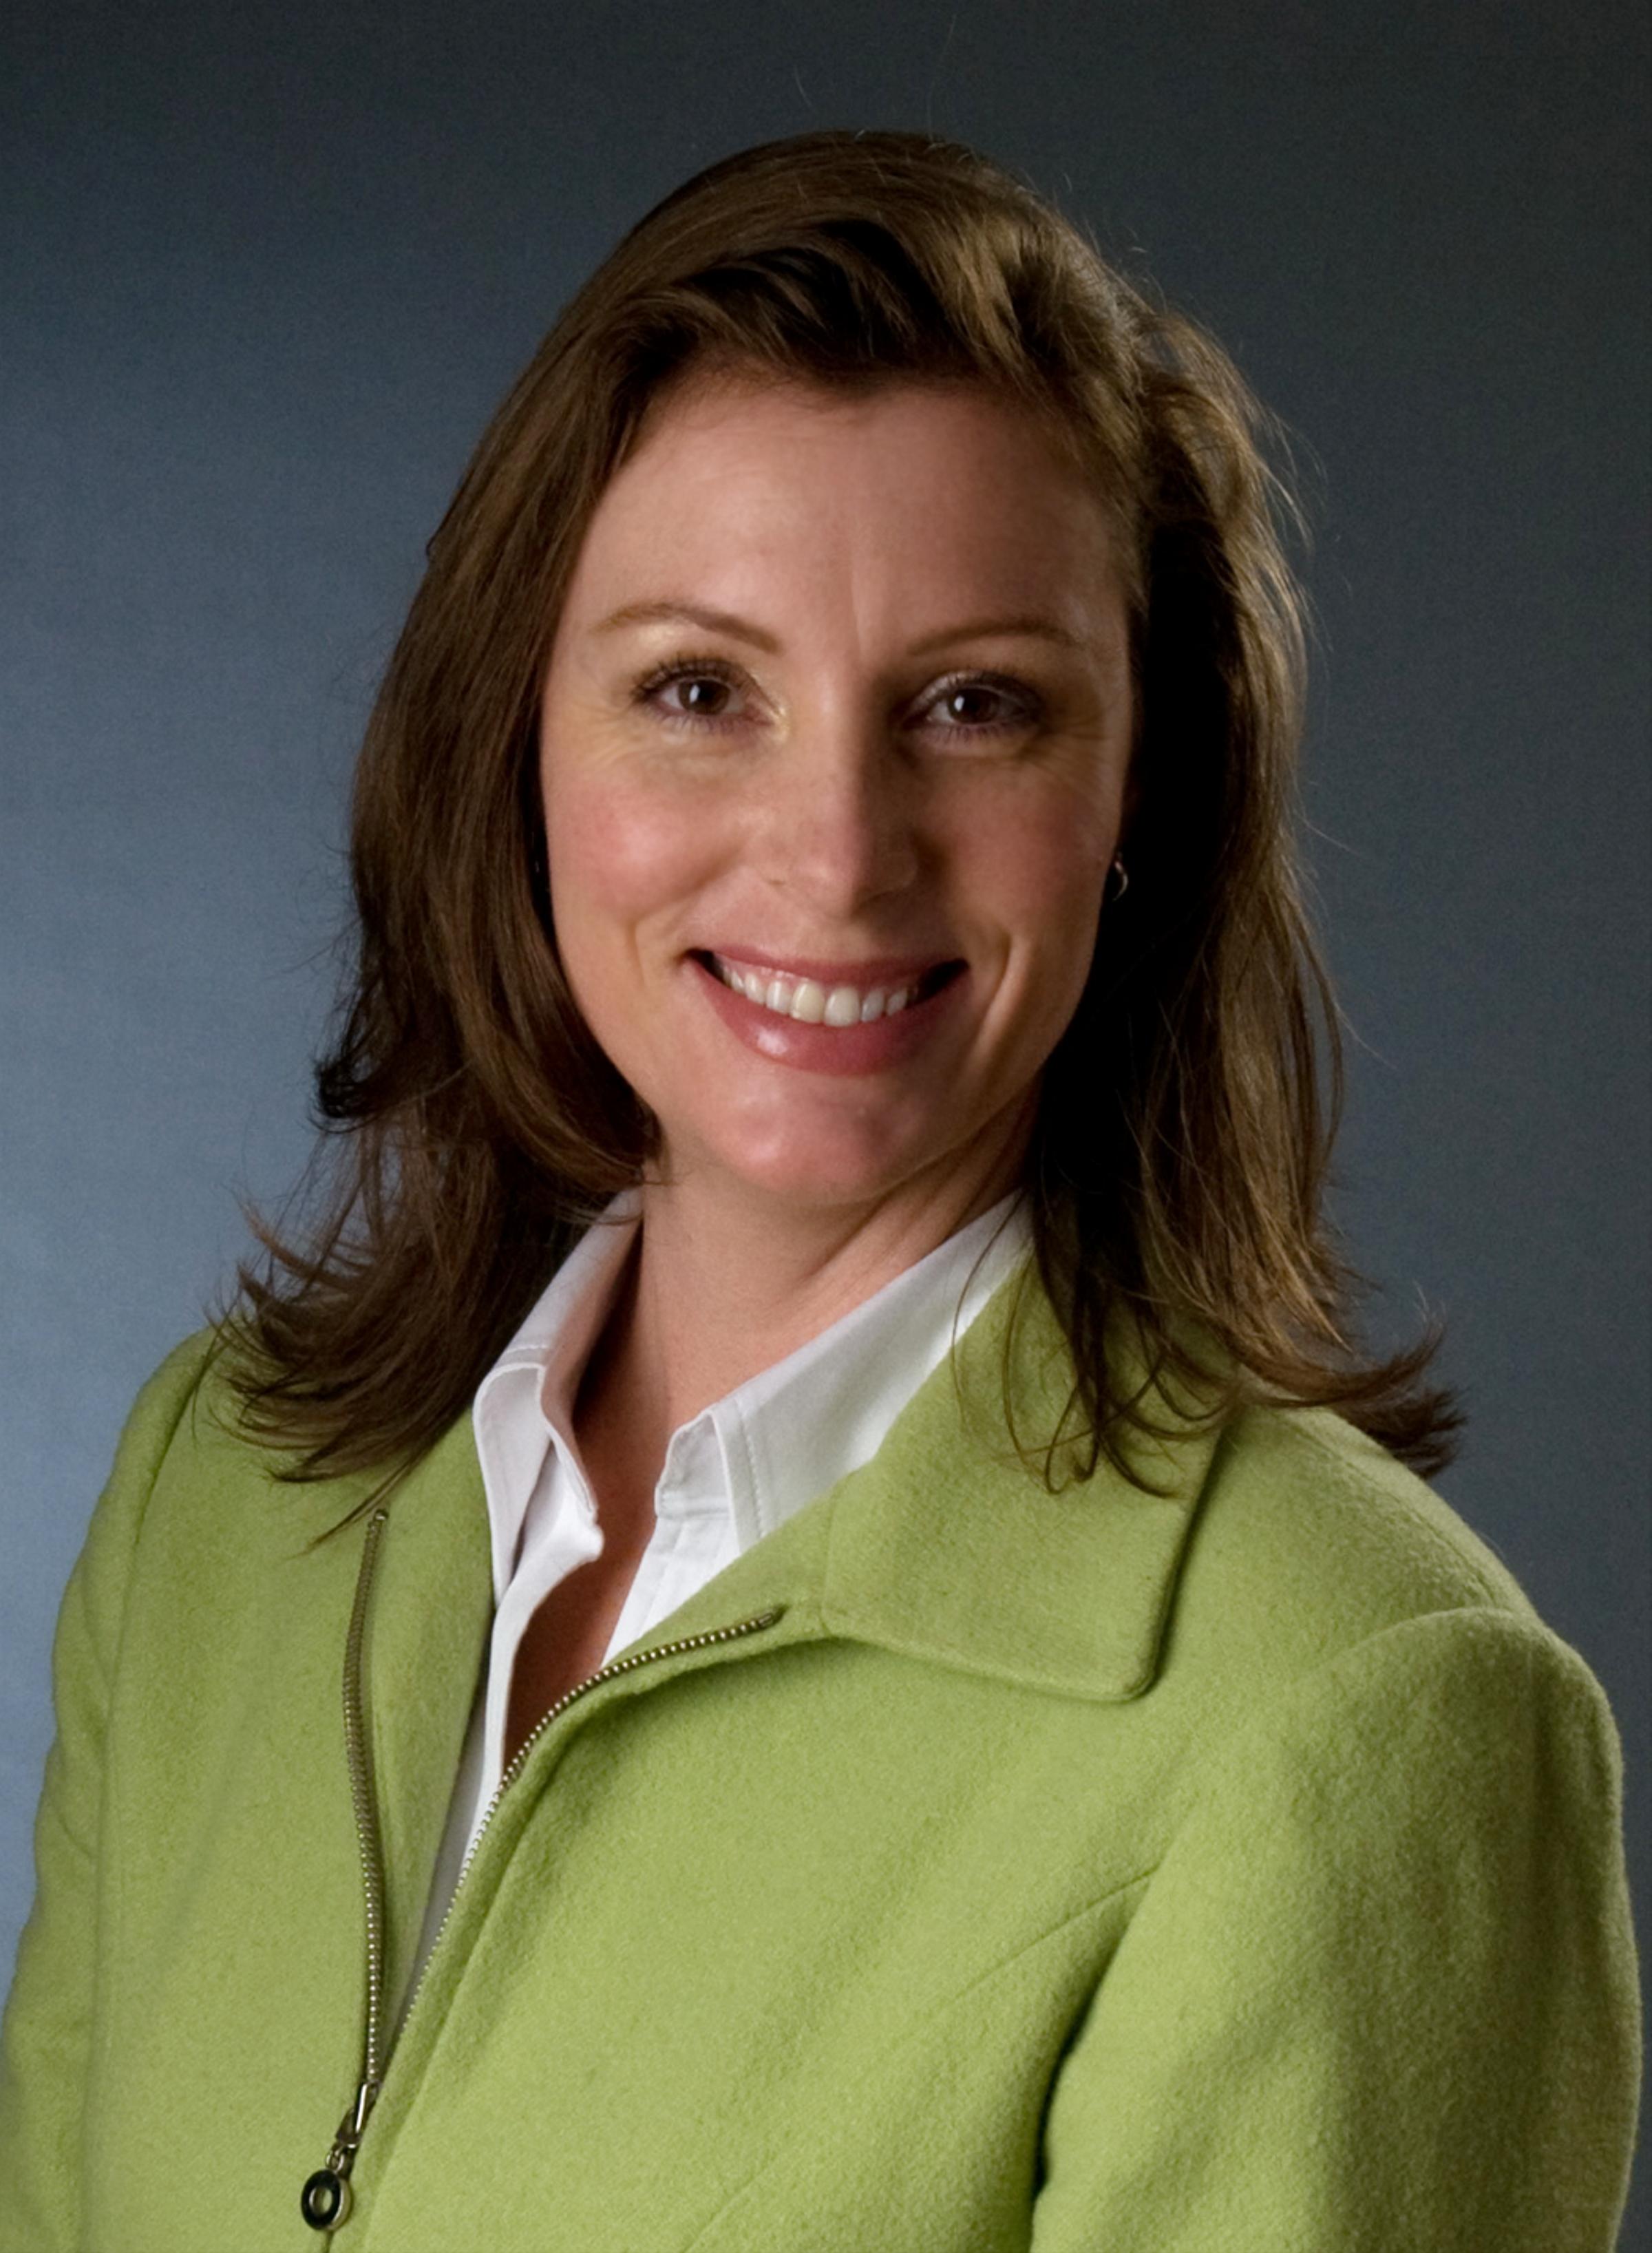 profile - lisa.jpg